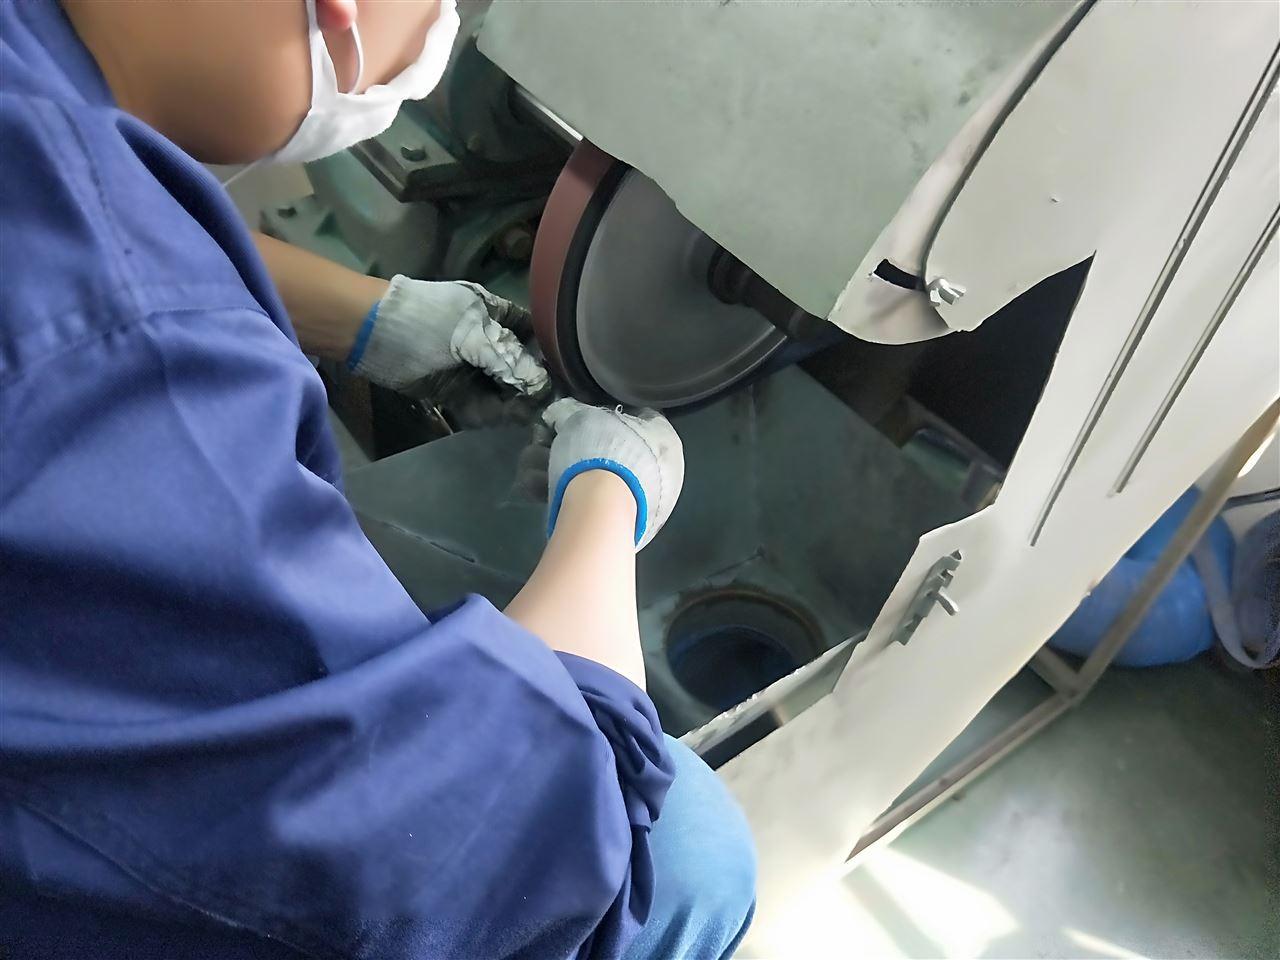 机床废屑除尘器 磨床粉尘吸尘器 柜式工业吸尘器 磨床吸尘器示例图20